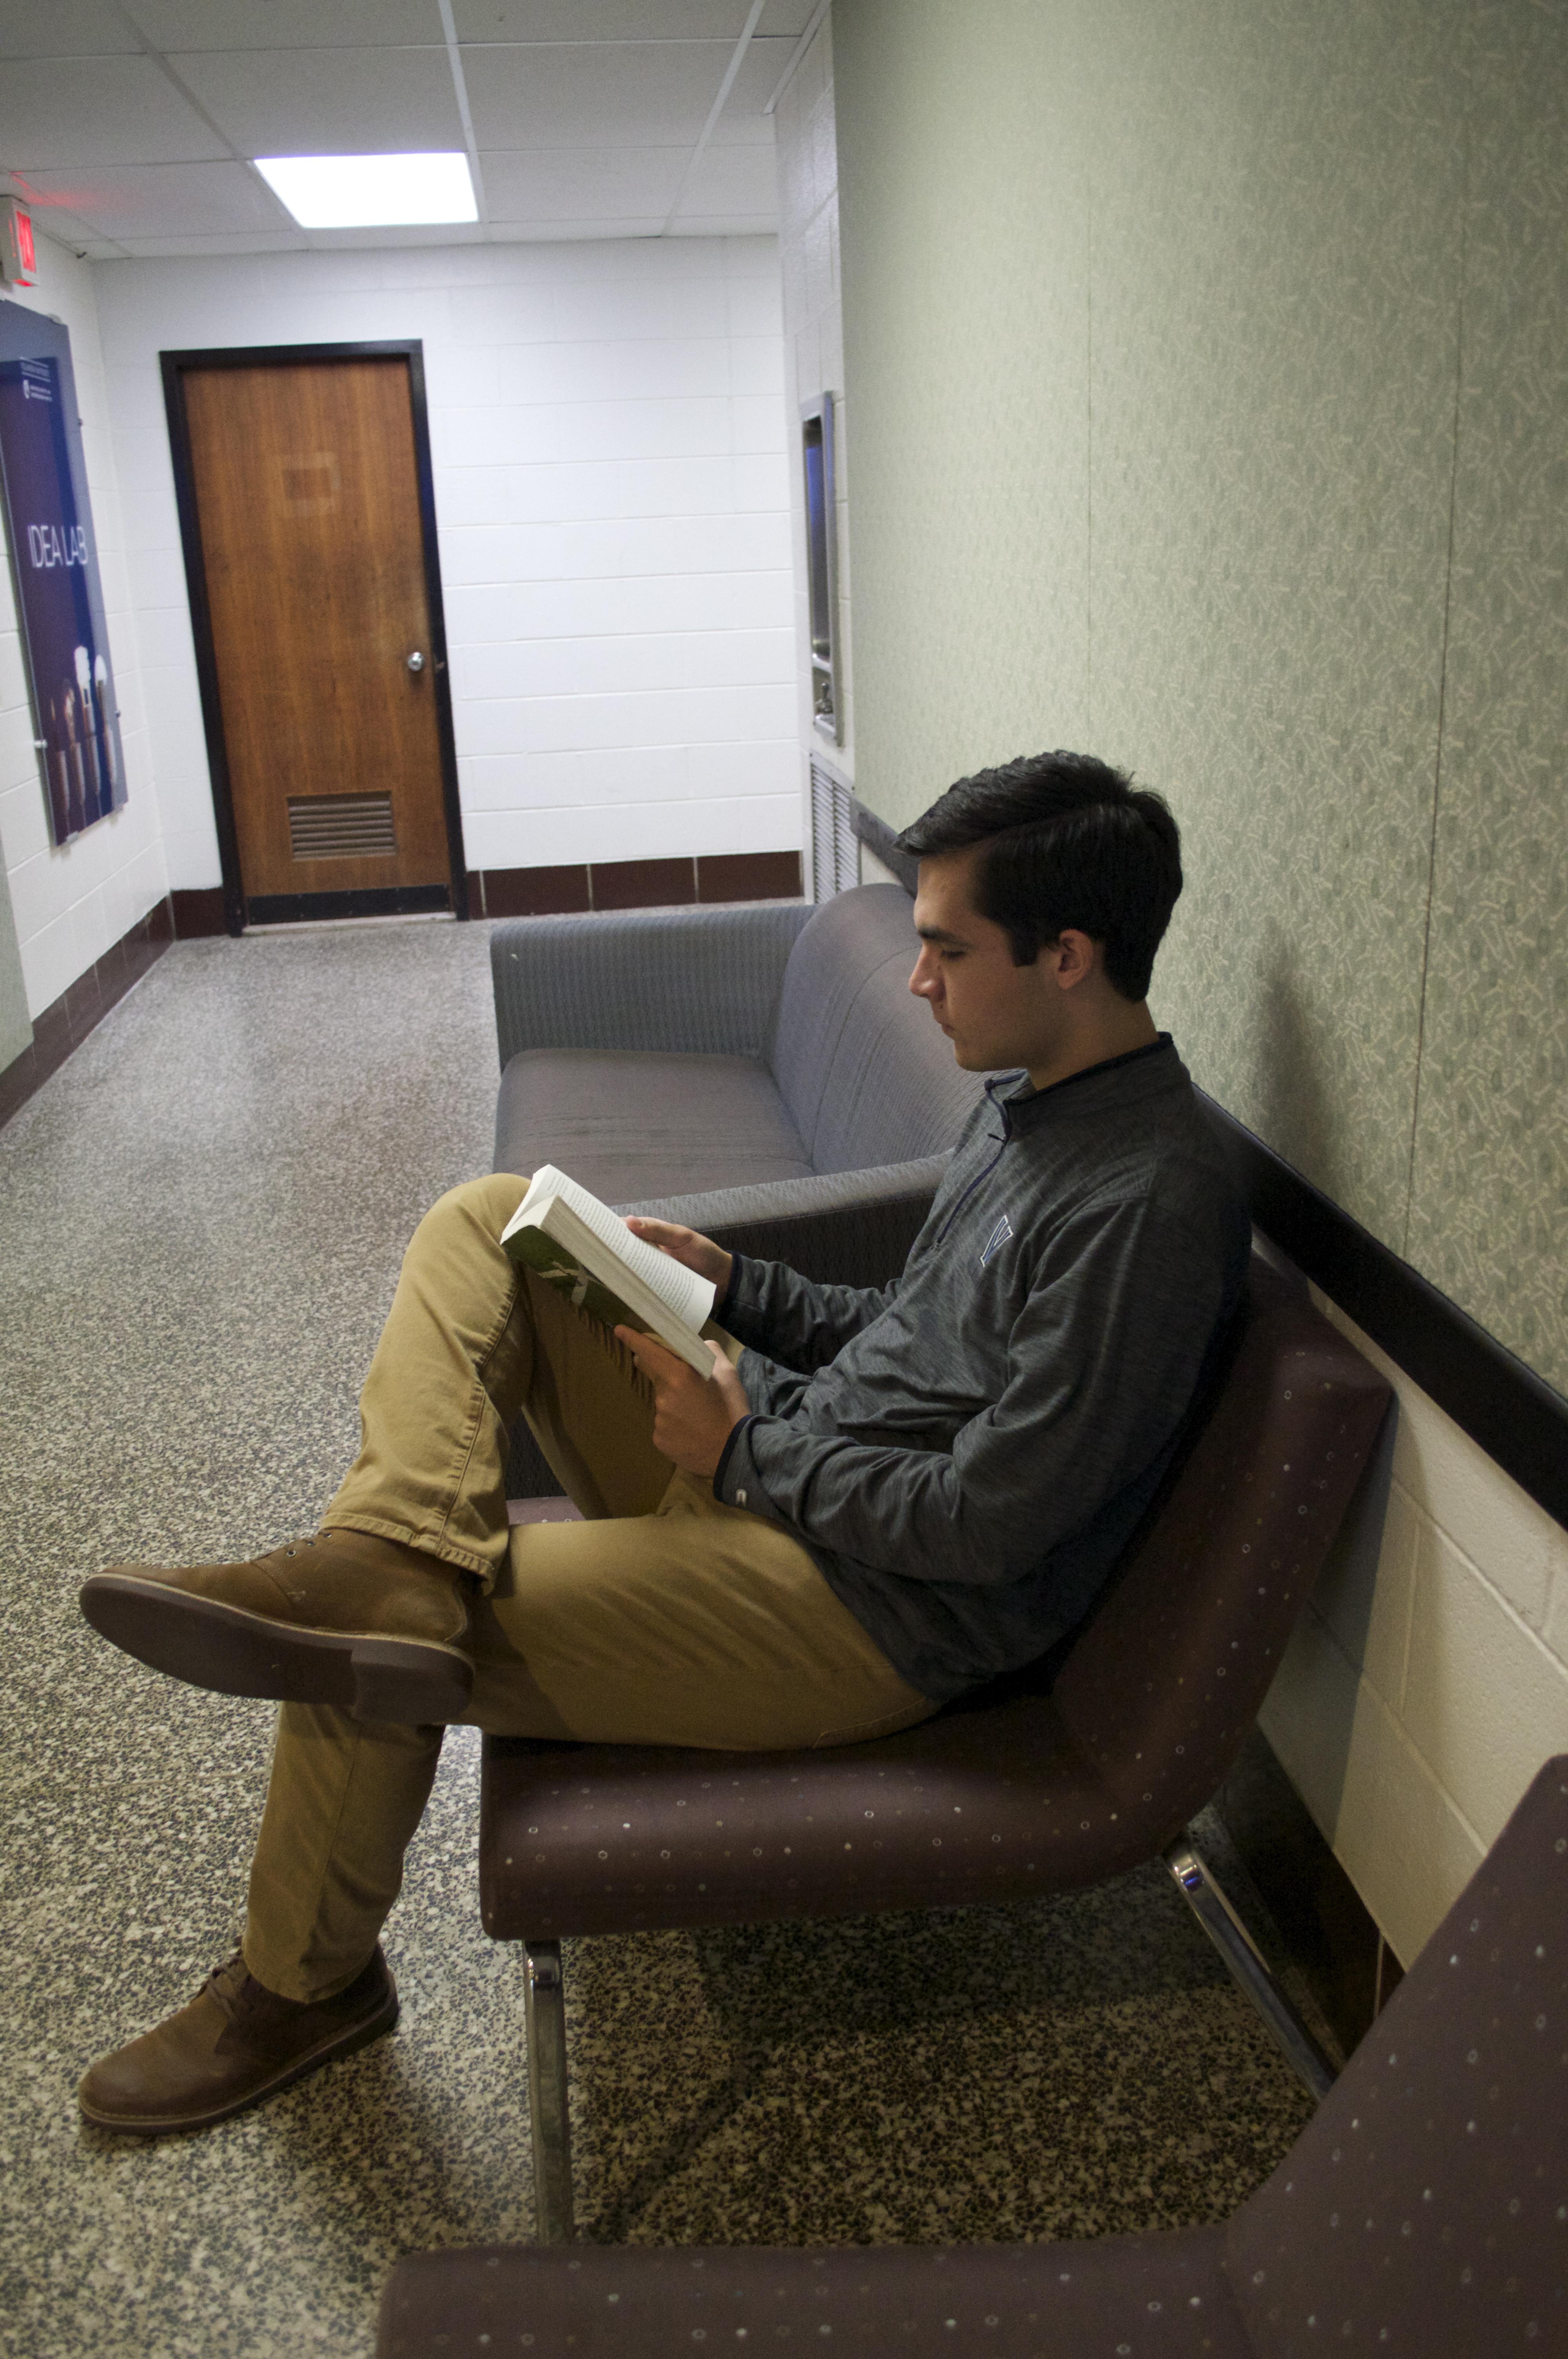 studyign in Falvey's basement